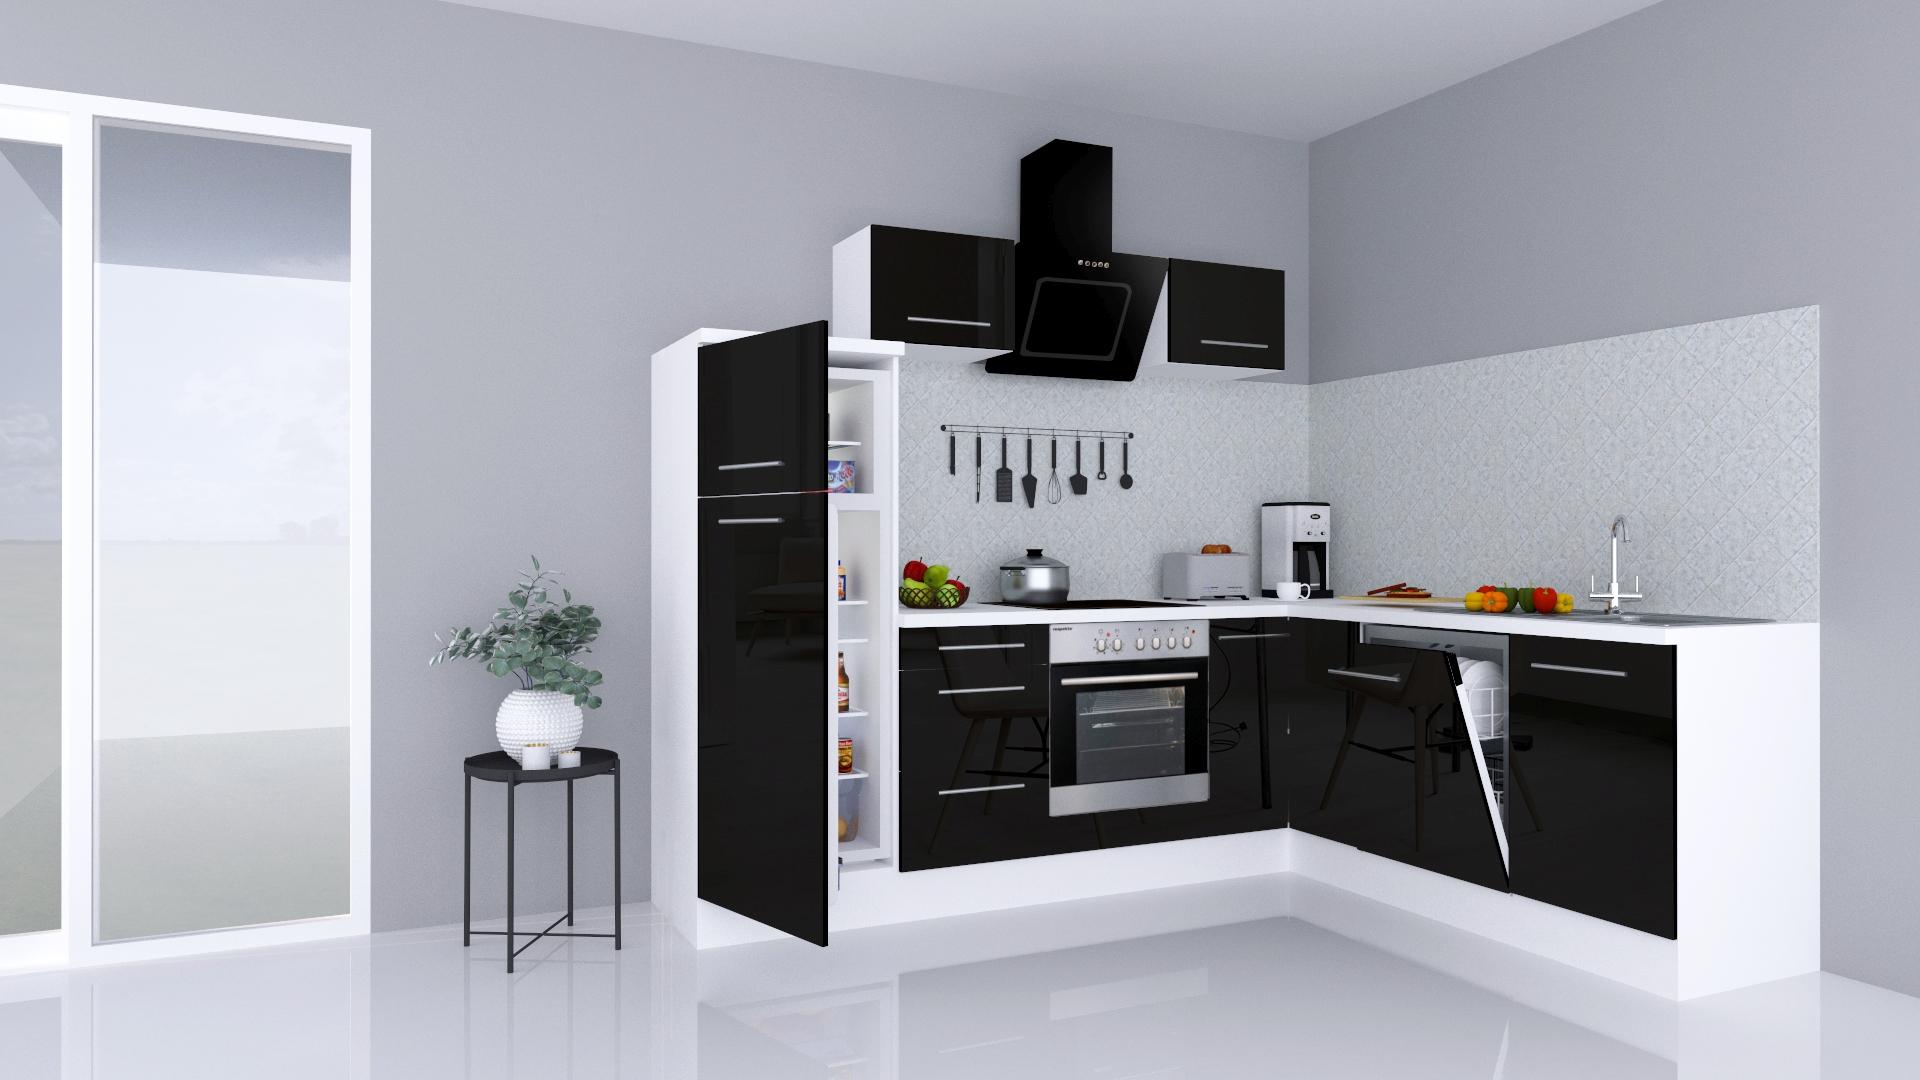 Full Size of Einbauküche L Form Einbauküche L Form Günstig Einbauküche L Form Gebraucht Einbauküche L Form Mit Geräten Küche Einbauküche L Form